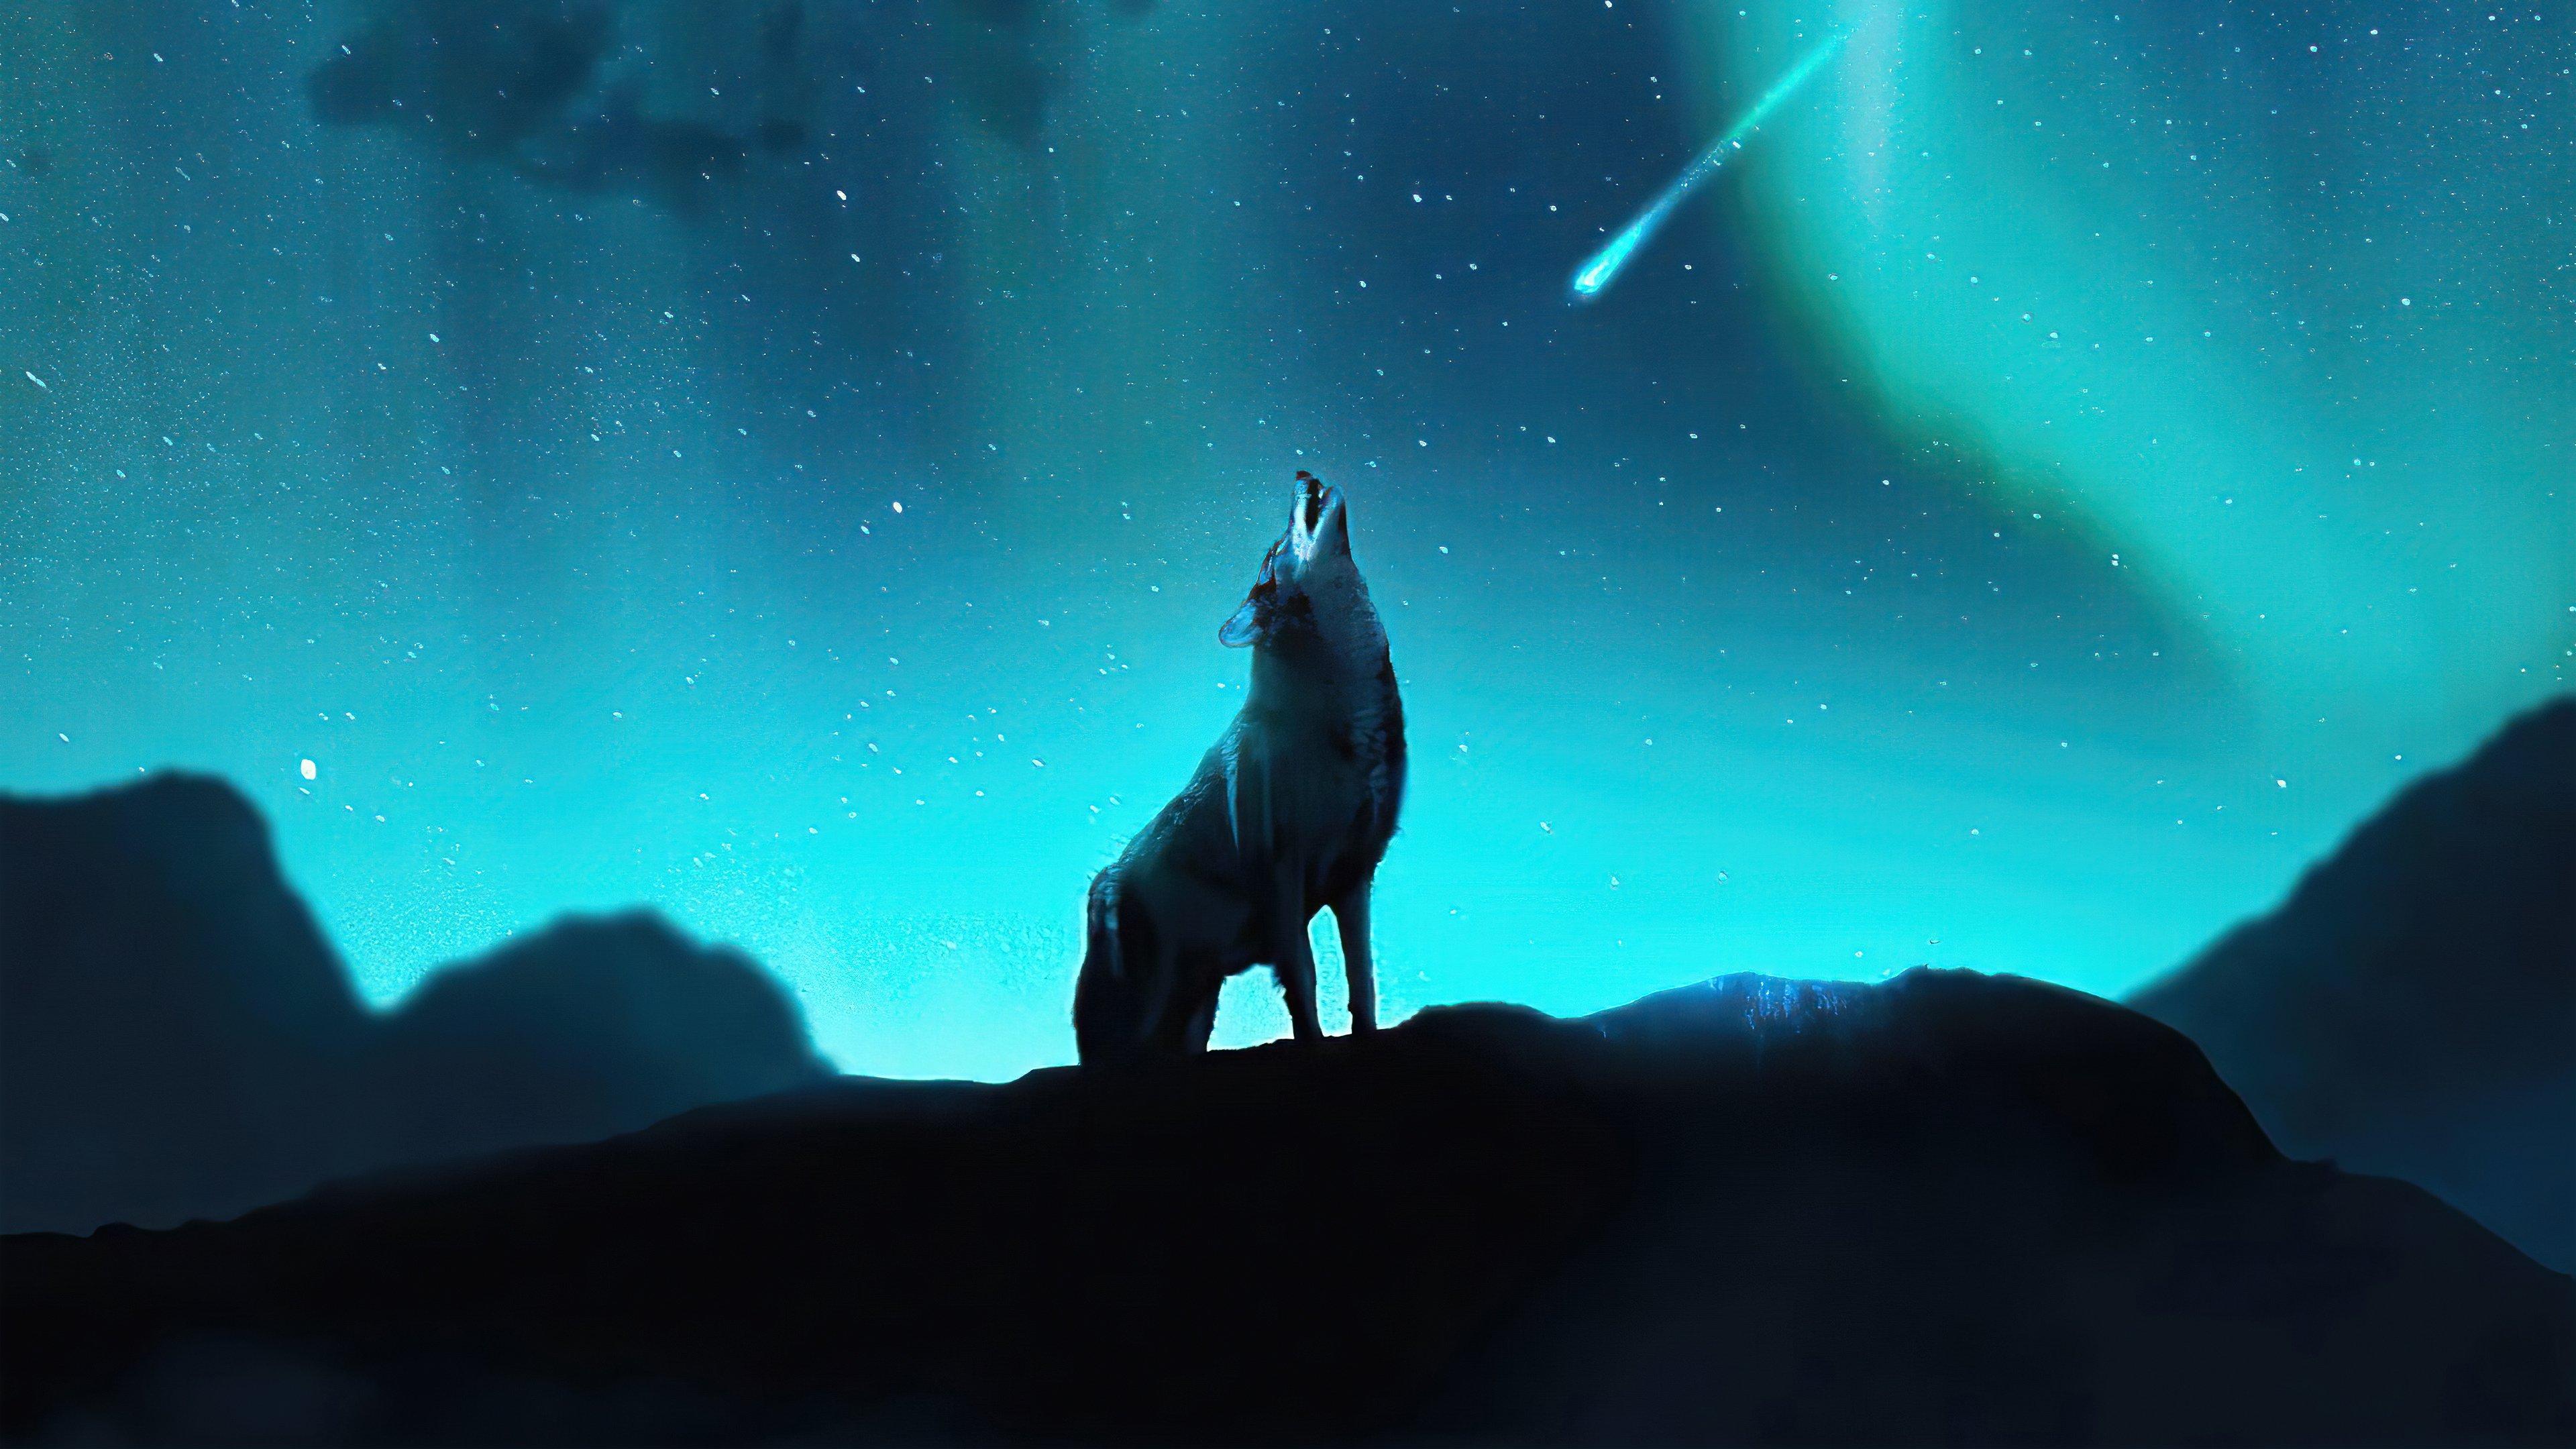 Fondos de pantalla Lobo aullando en las estrellas